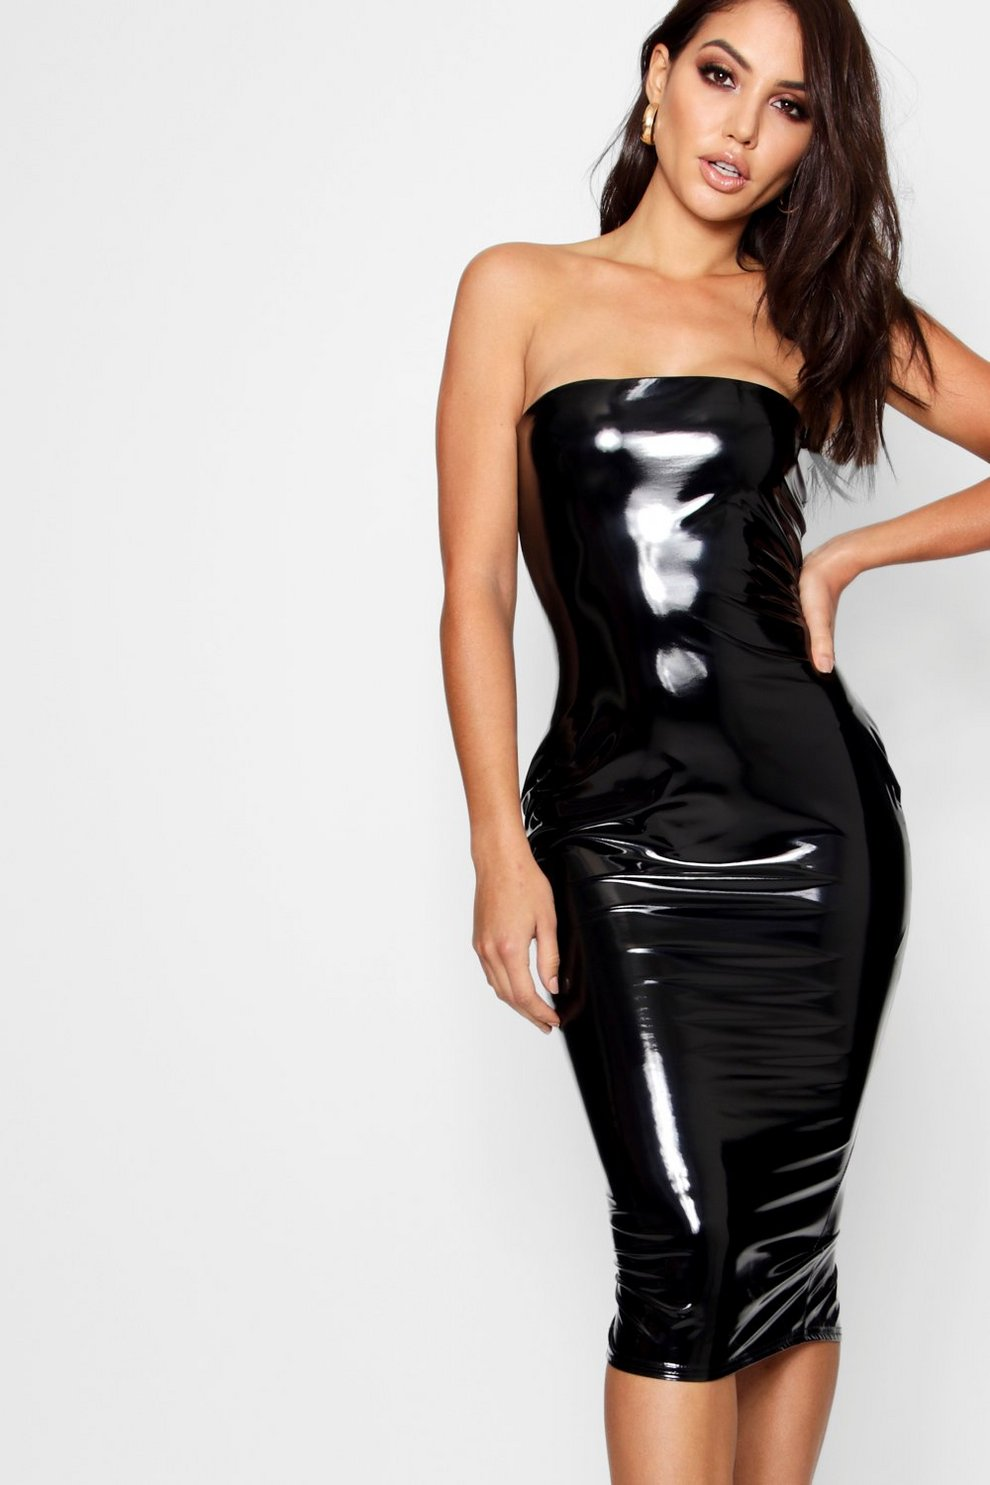 56e440ff839 Black Vinyl Strapless Dress – Little Black Dress